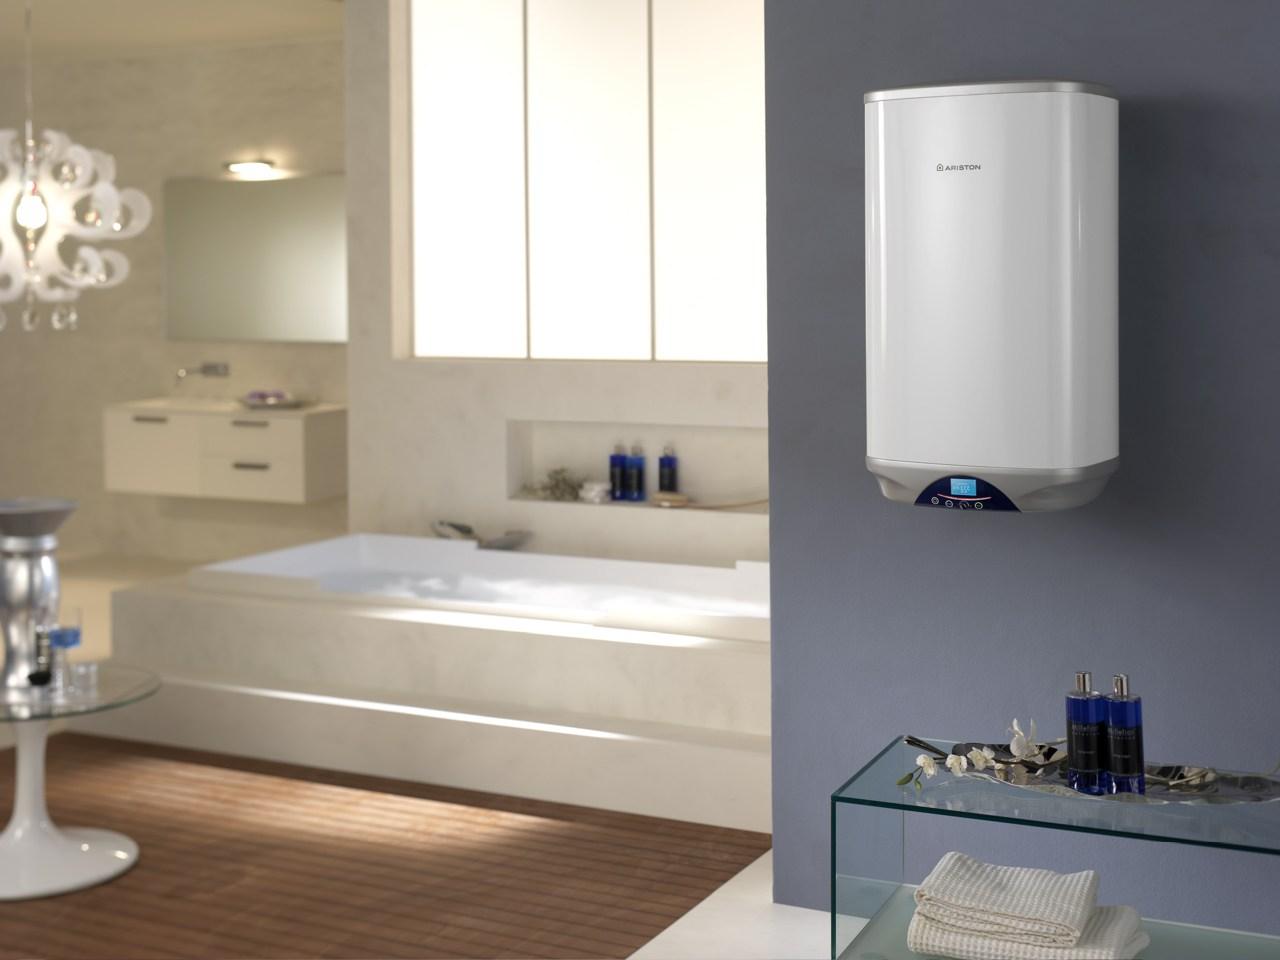 Termo eléctrico: agua caliente las 24 horas del día